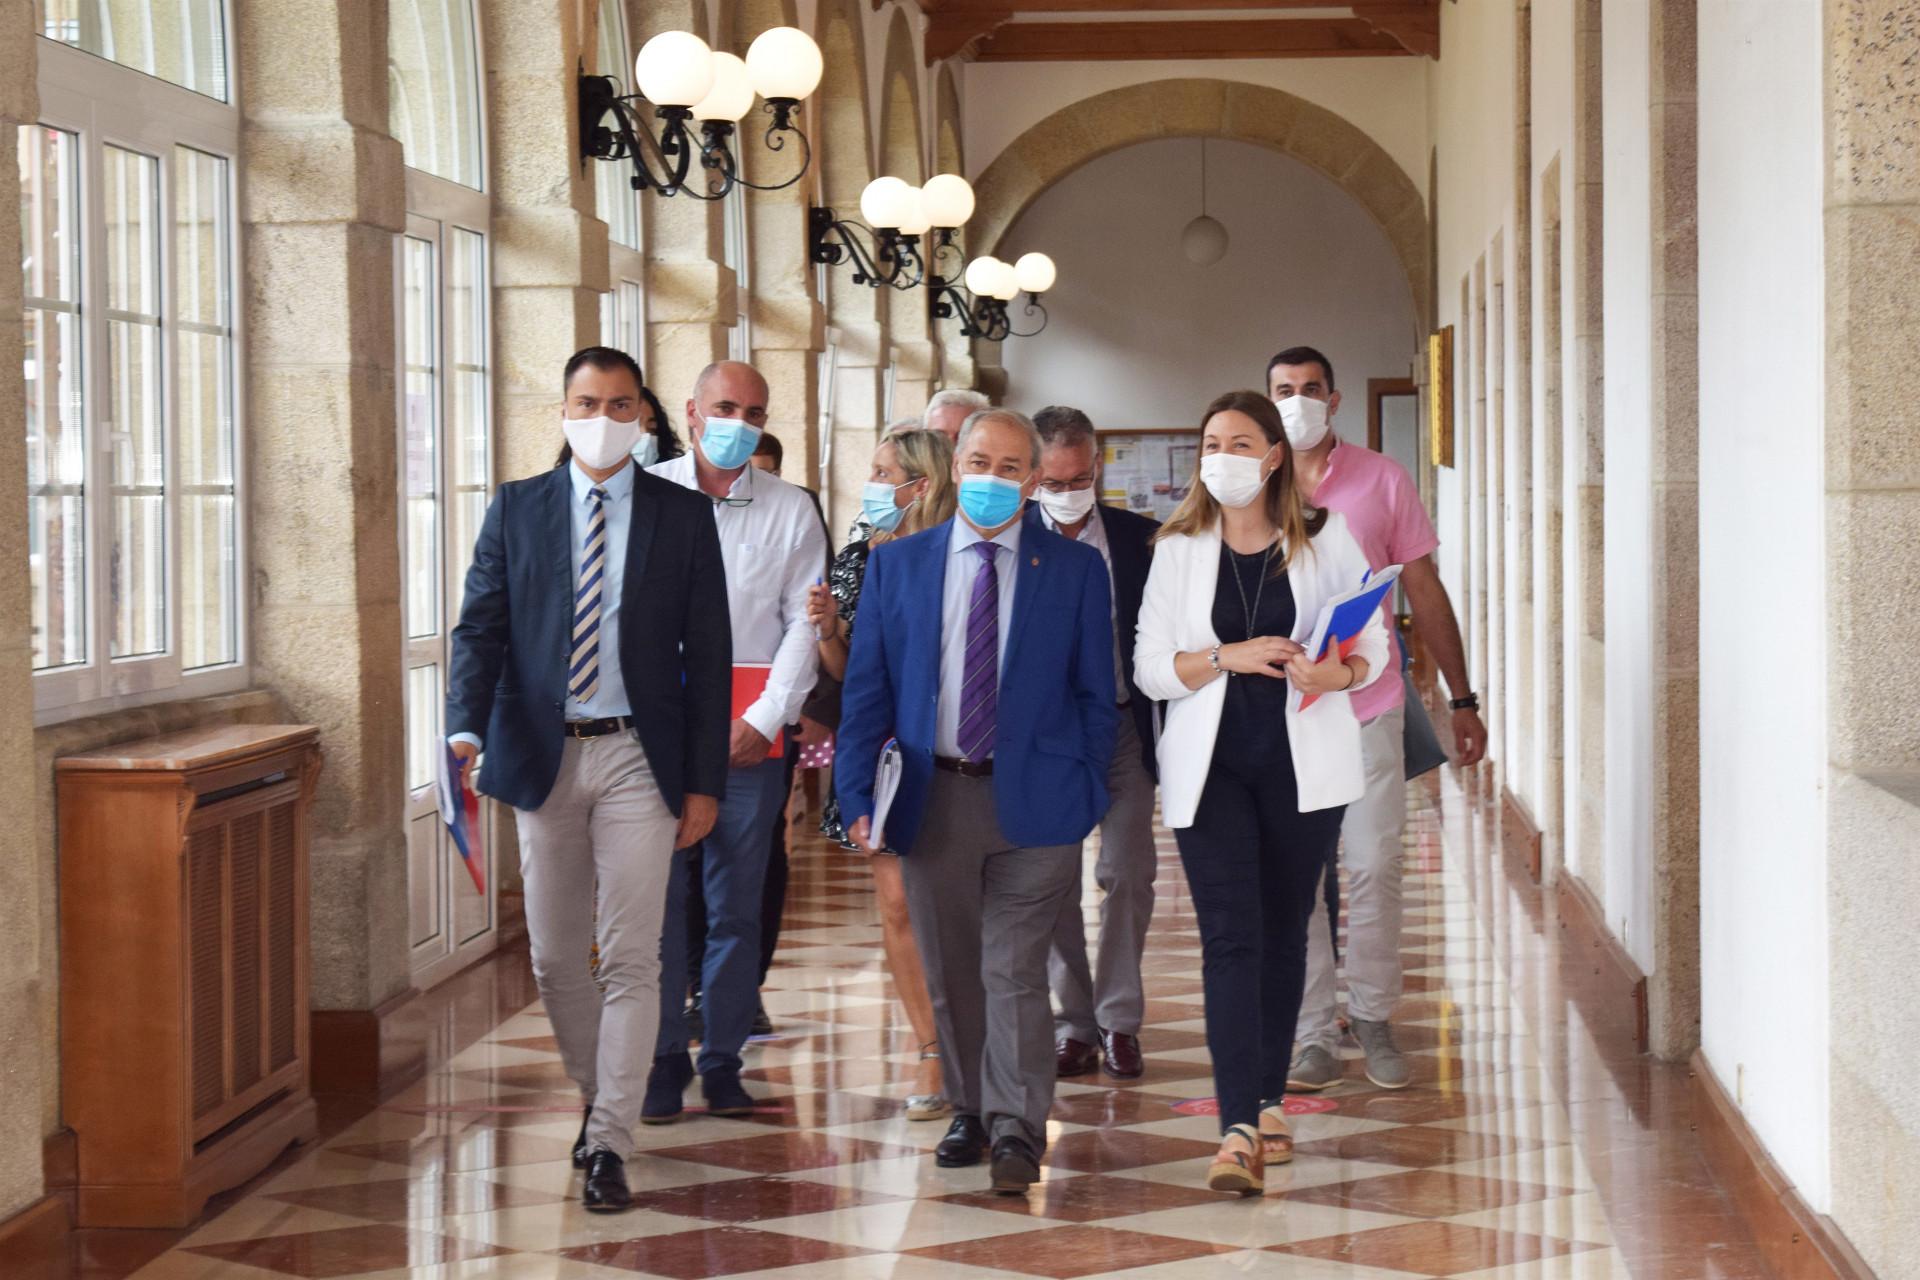 Os socialistas reclaman á Xunta que que facilite e axilice o traspaso de competencias, funcións e custes dos servizos sanitarios que prestan os concellos